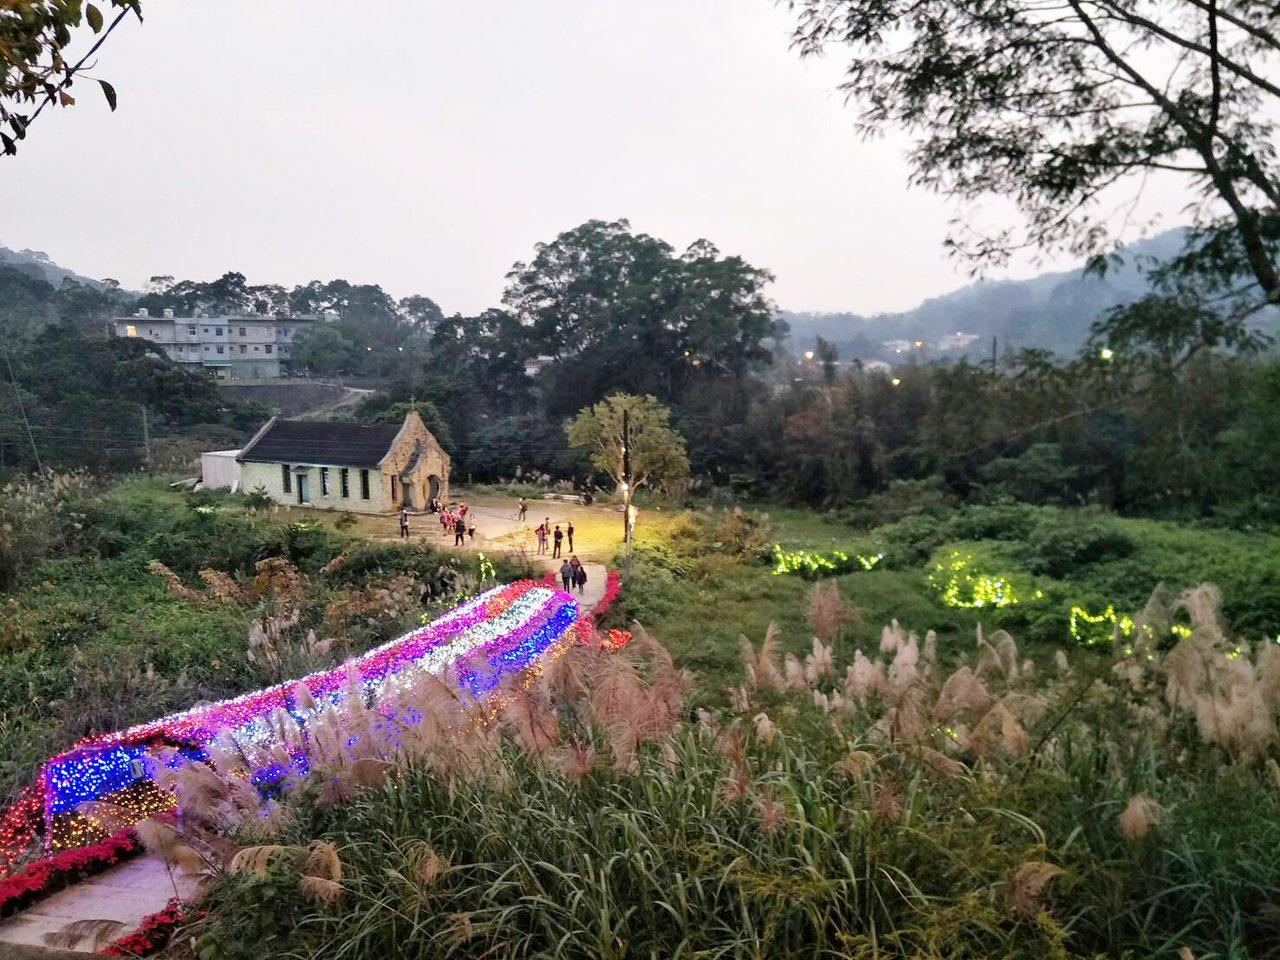 三民山城紅花燈火節,於桃園市復興區基國派教堂附近舉行。圖/農業局提供